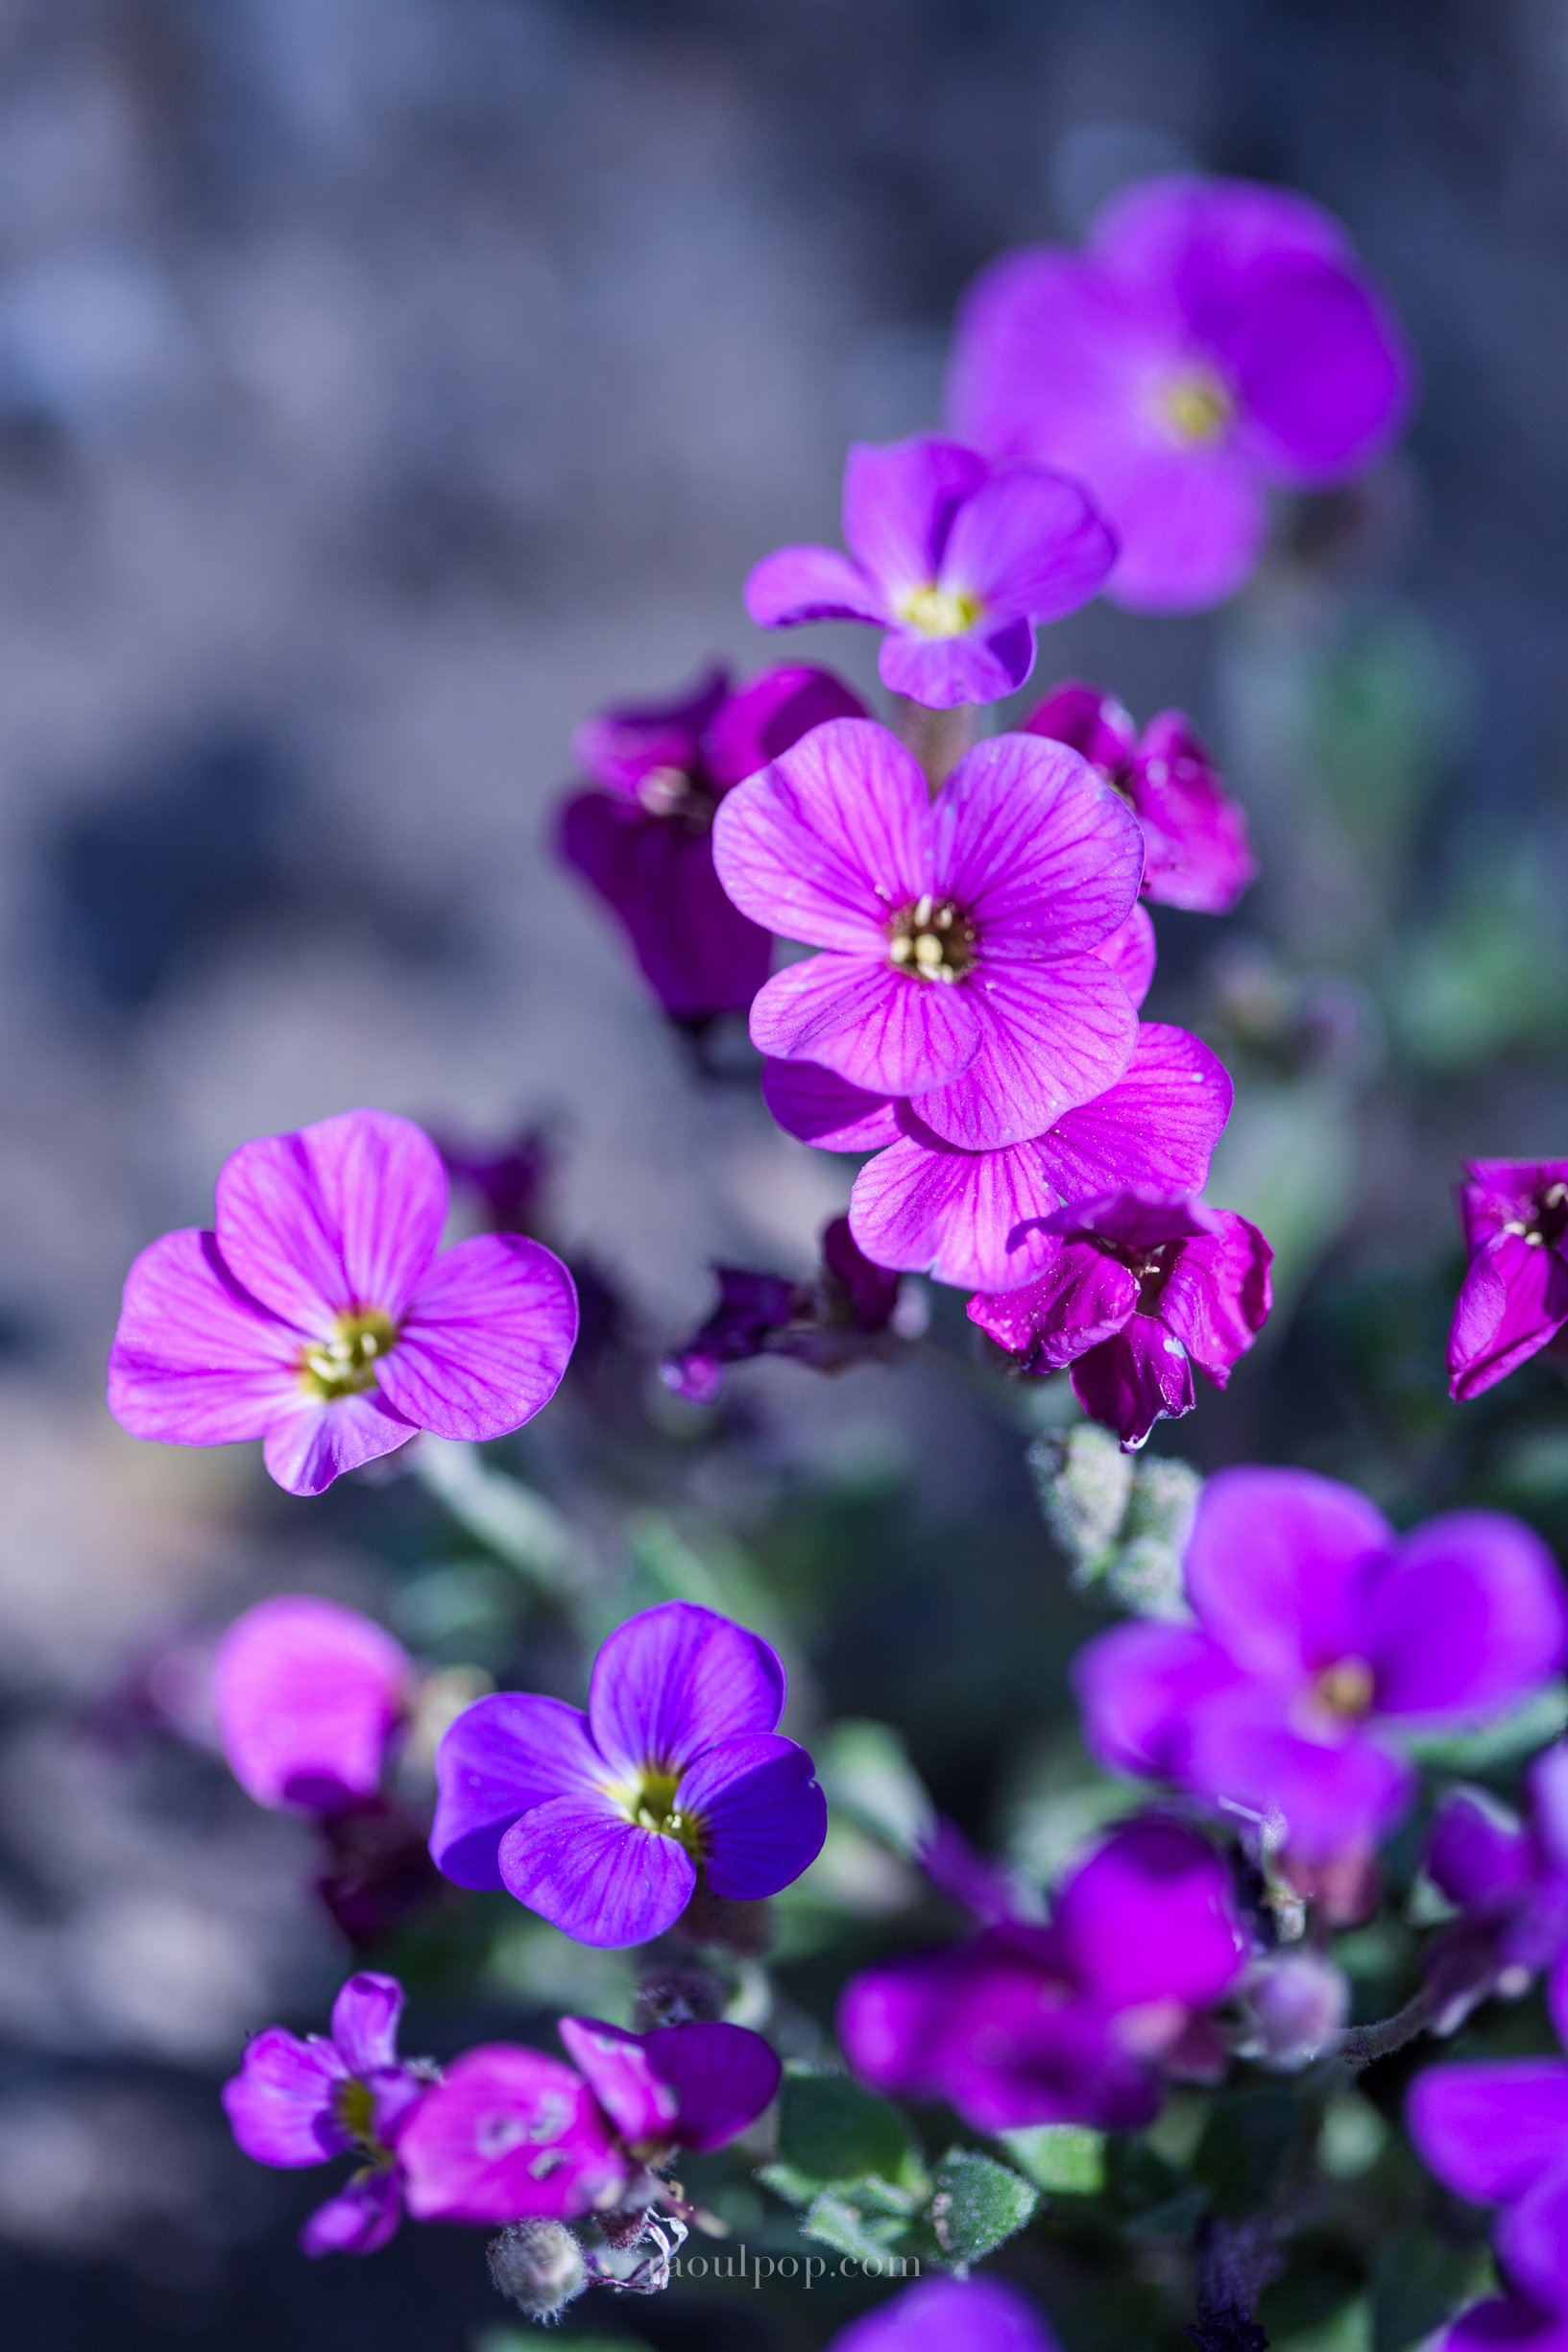 Little purple flowers raoul pop little purple flowers mightylinksfo